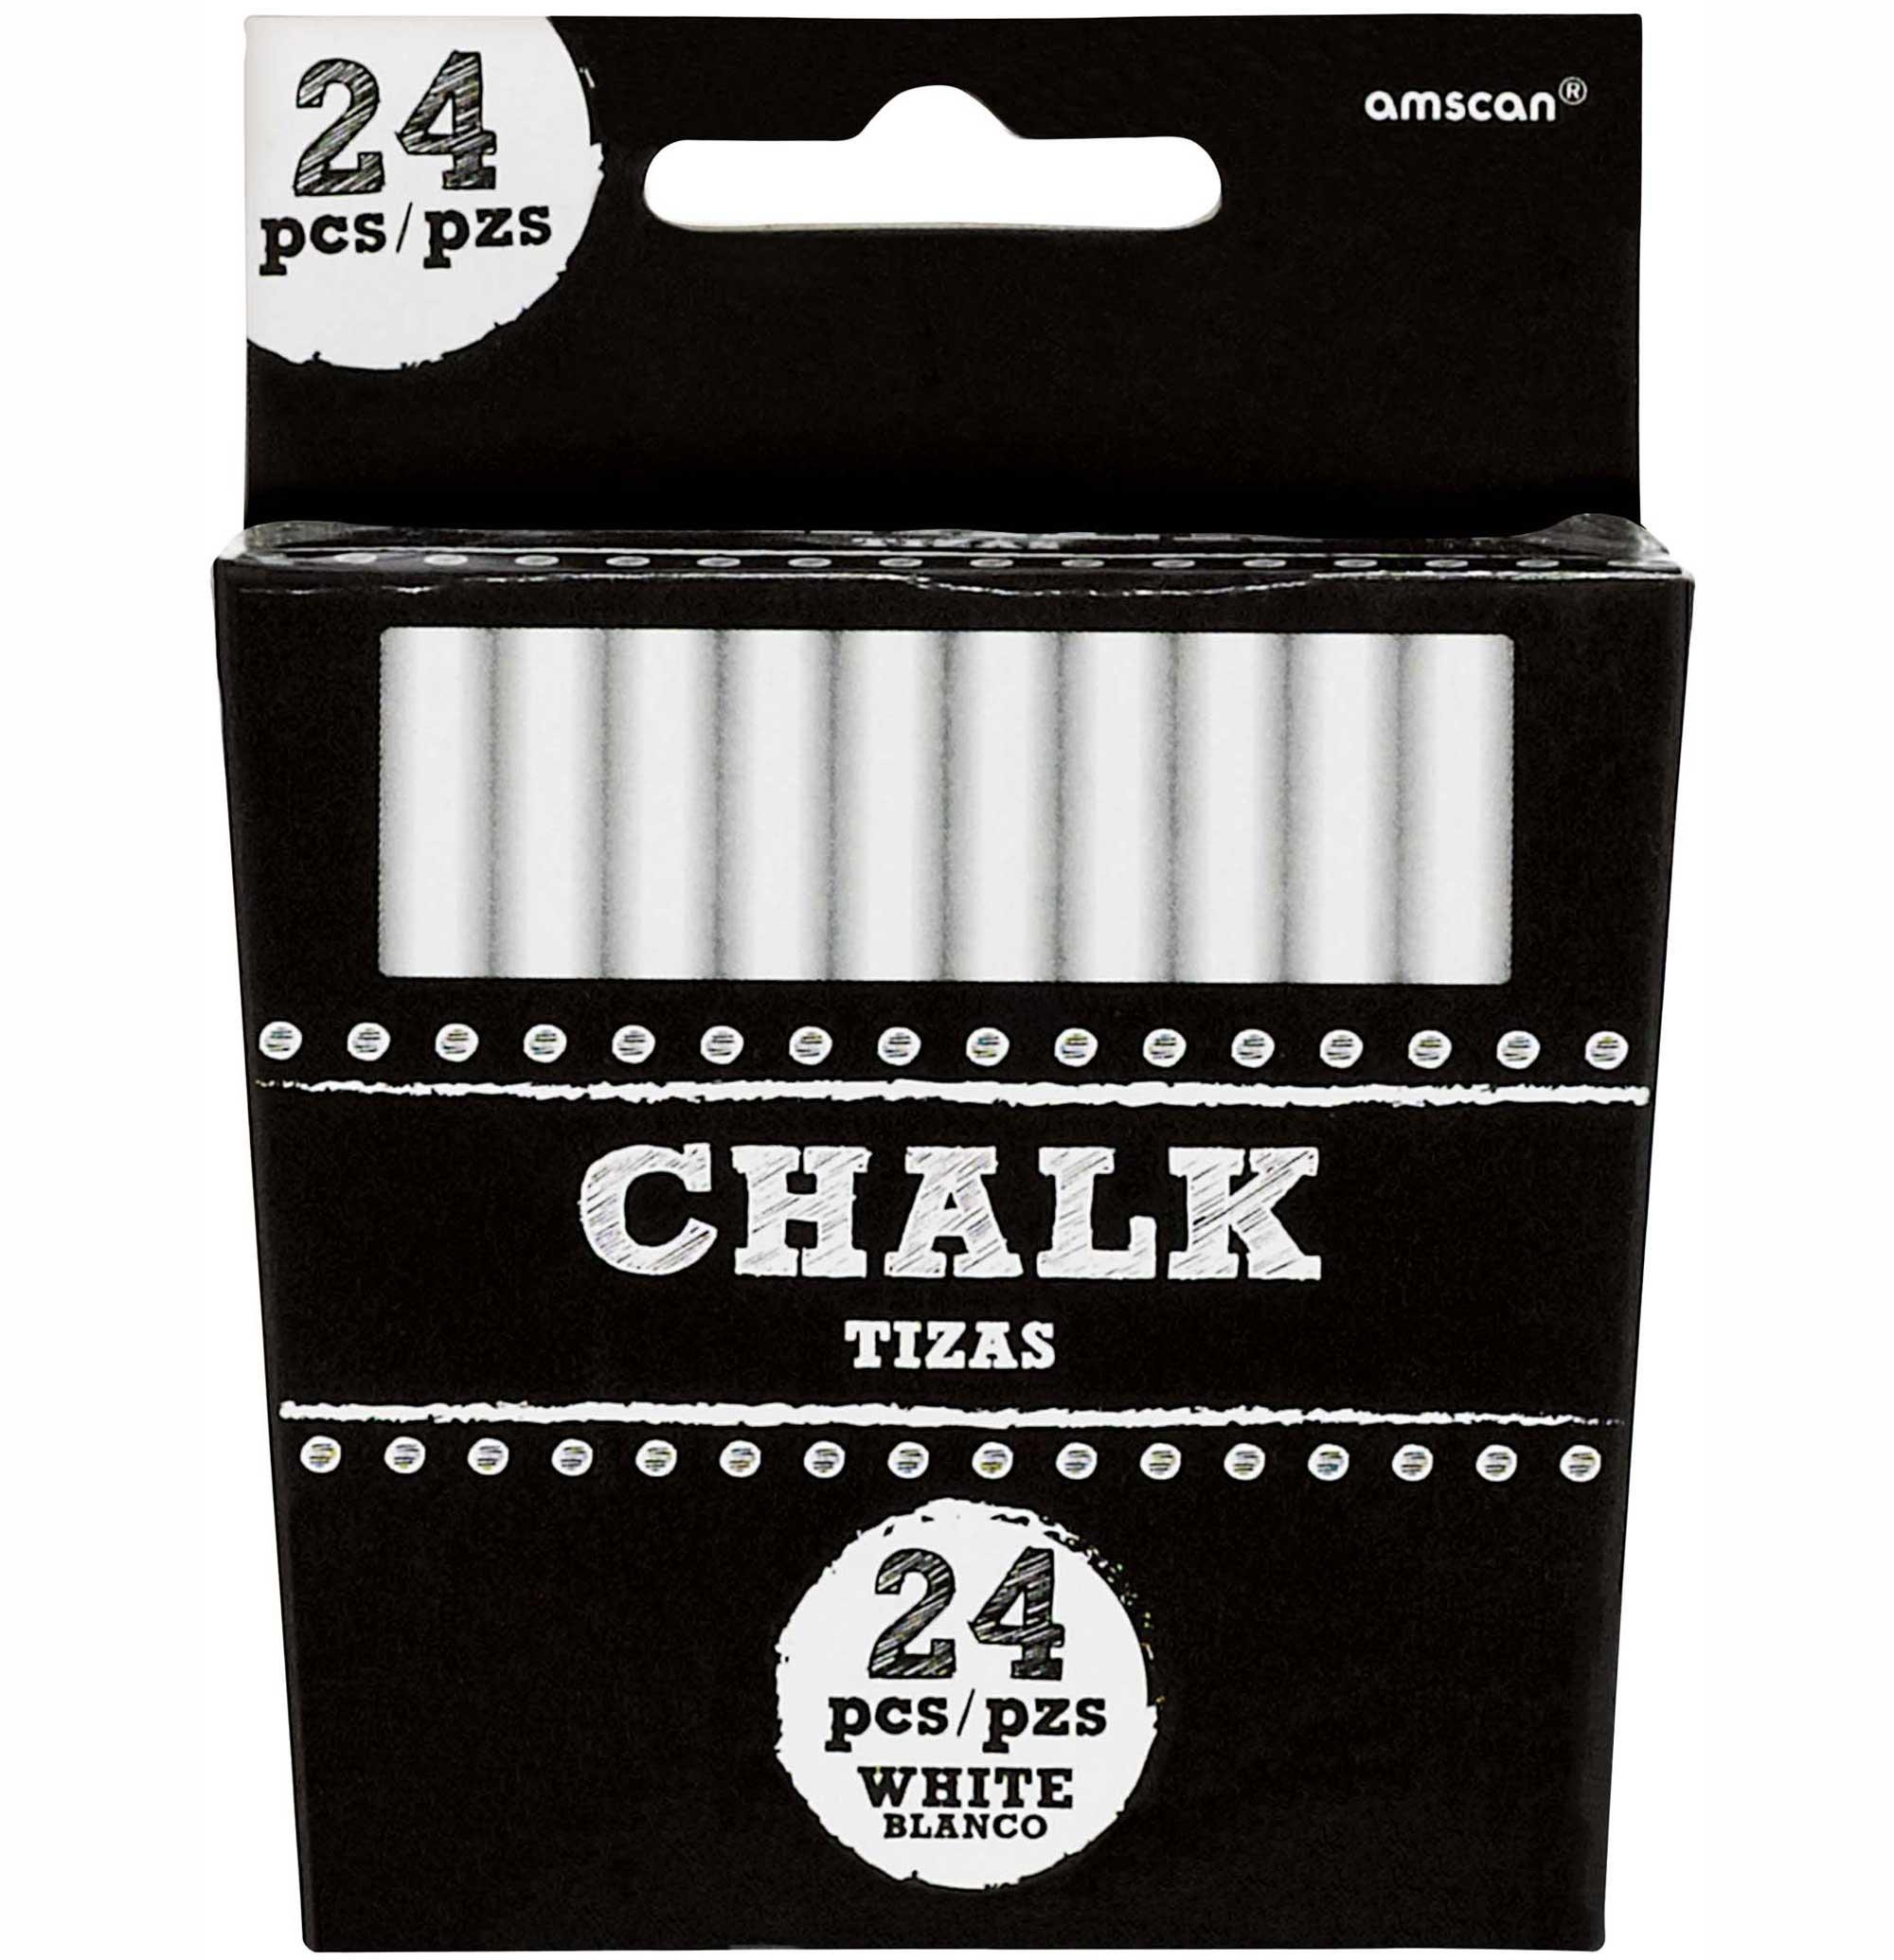 White Chalk Sticks